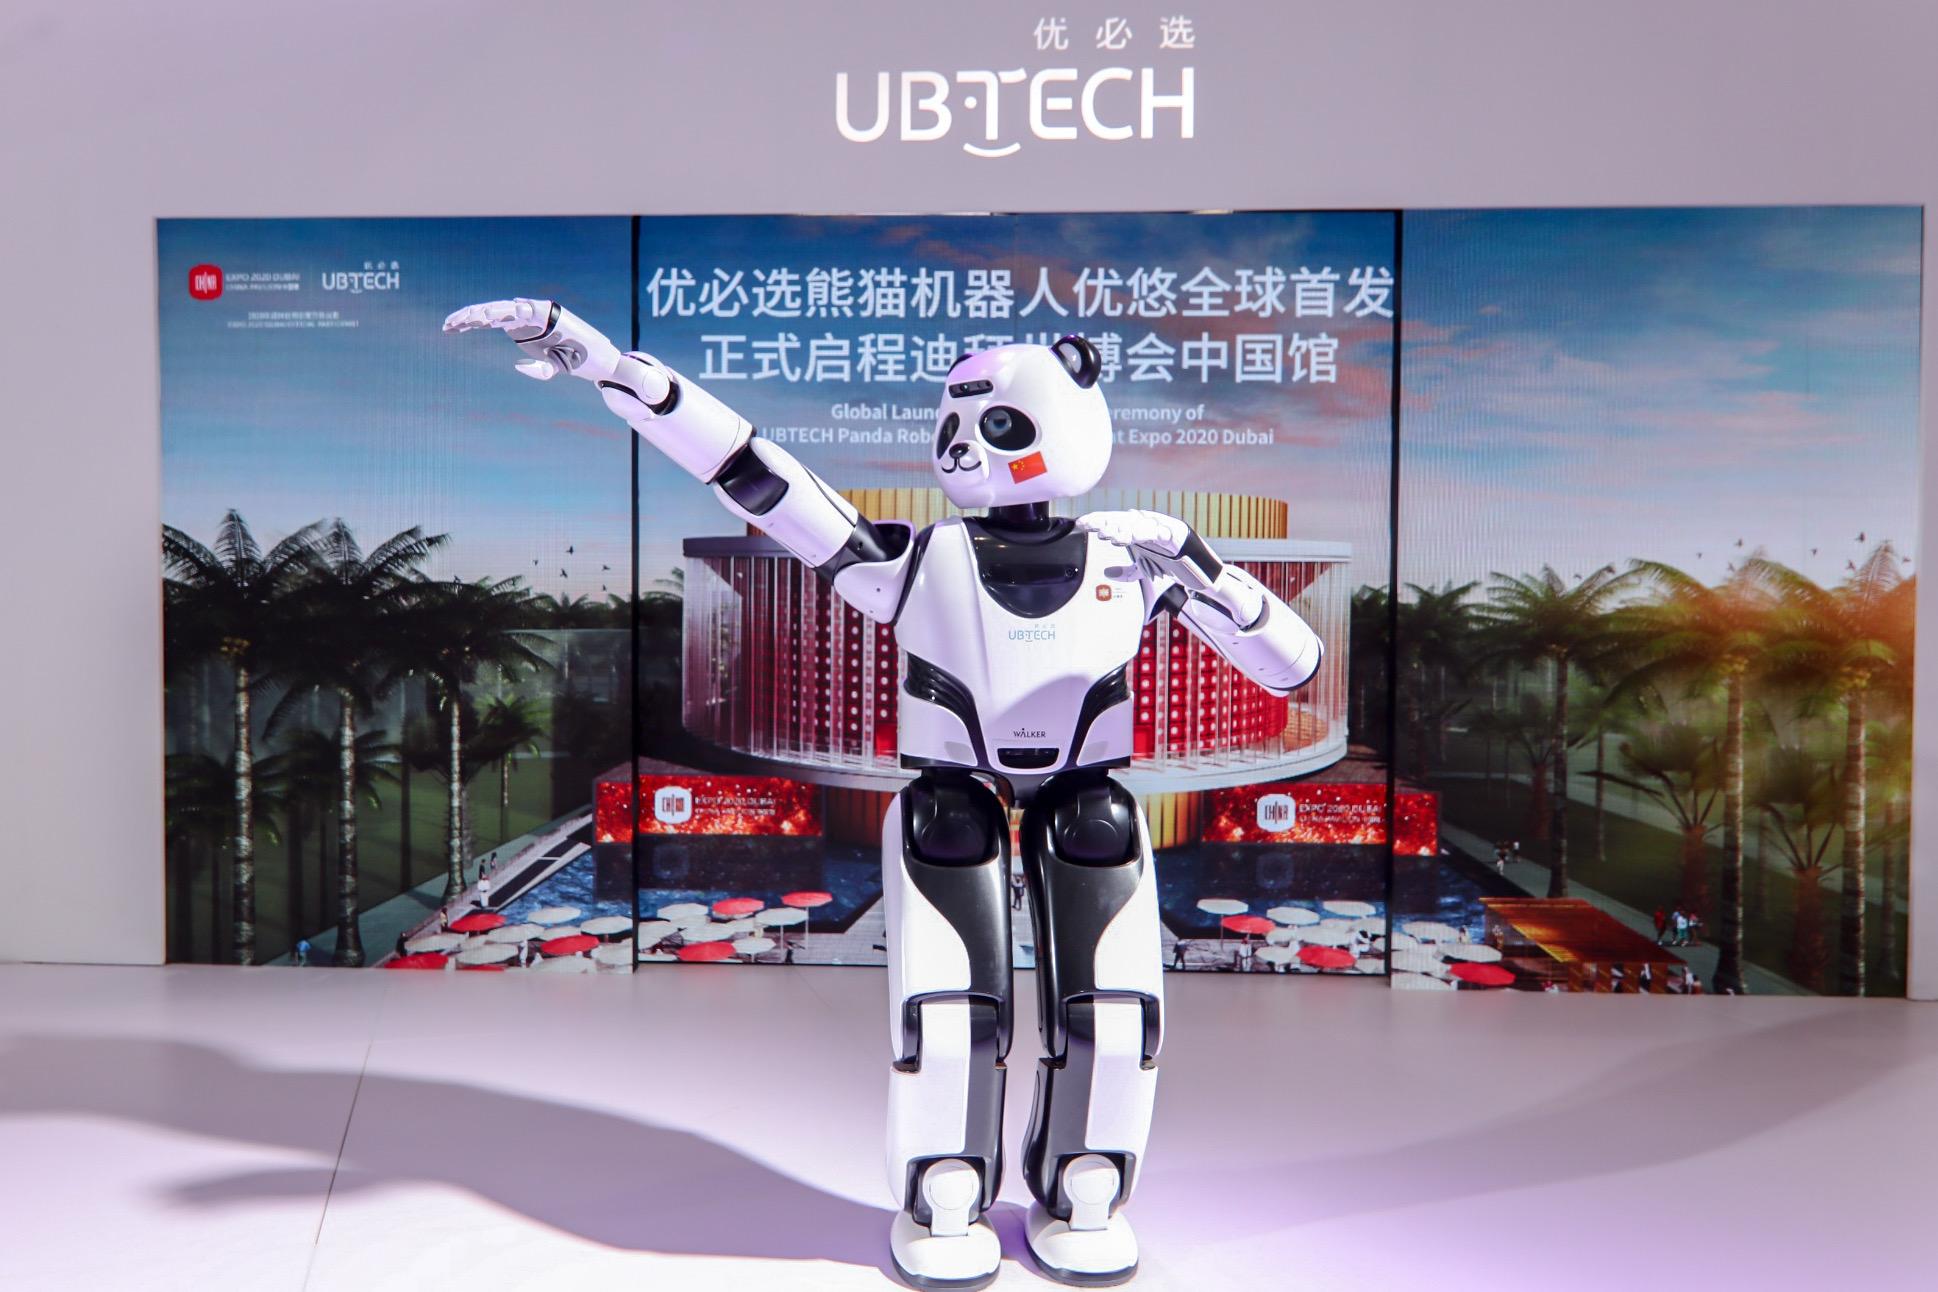 优必选熊猫机器人优悠全球首发,正式启程迪拜世博会中国馆